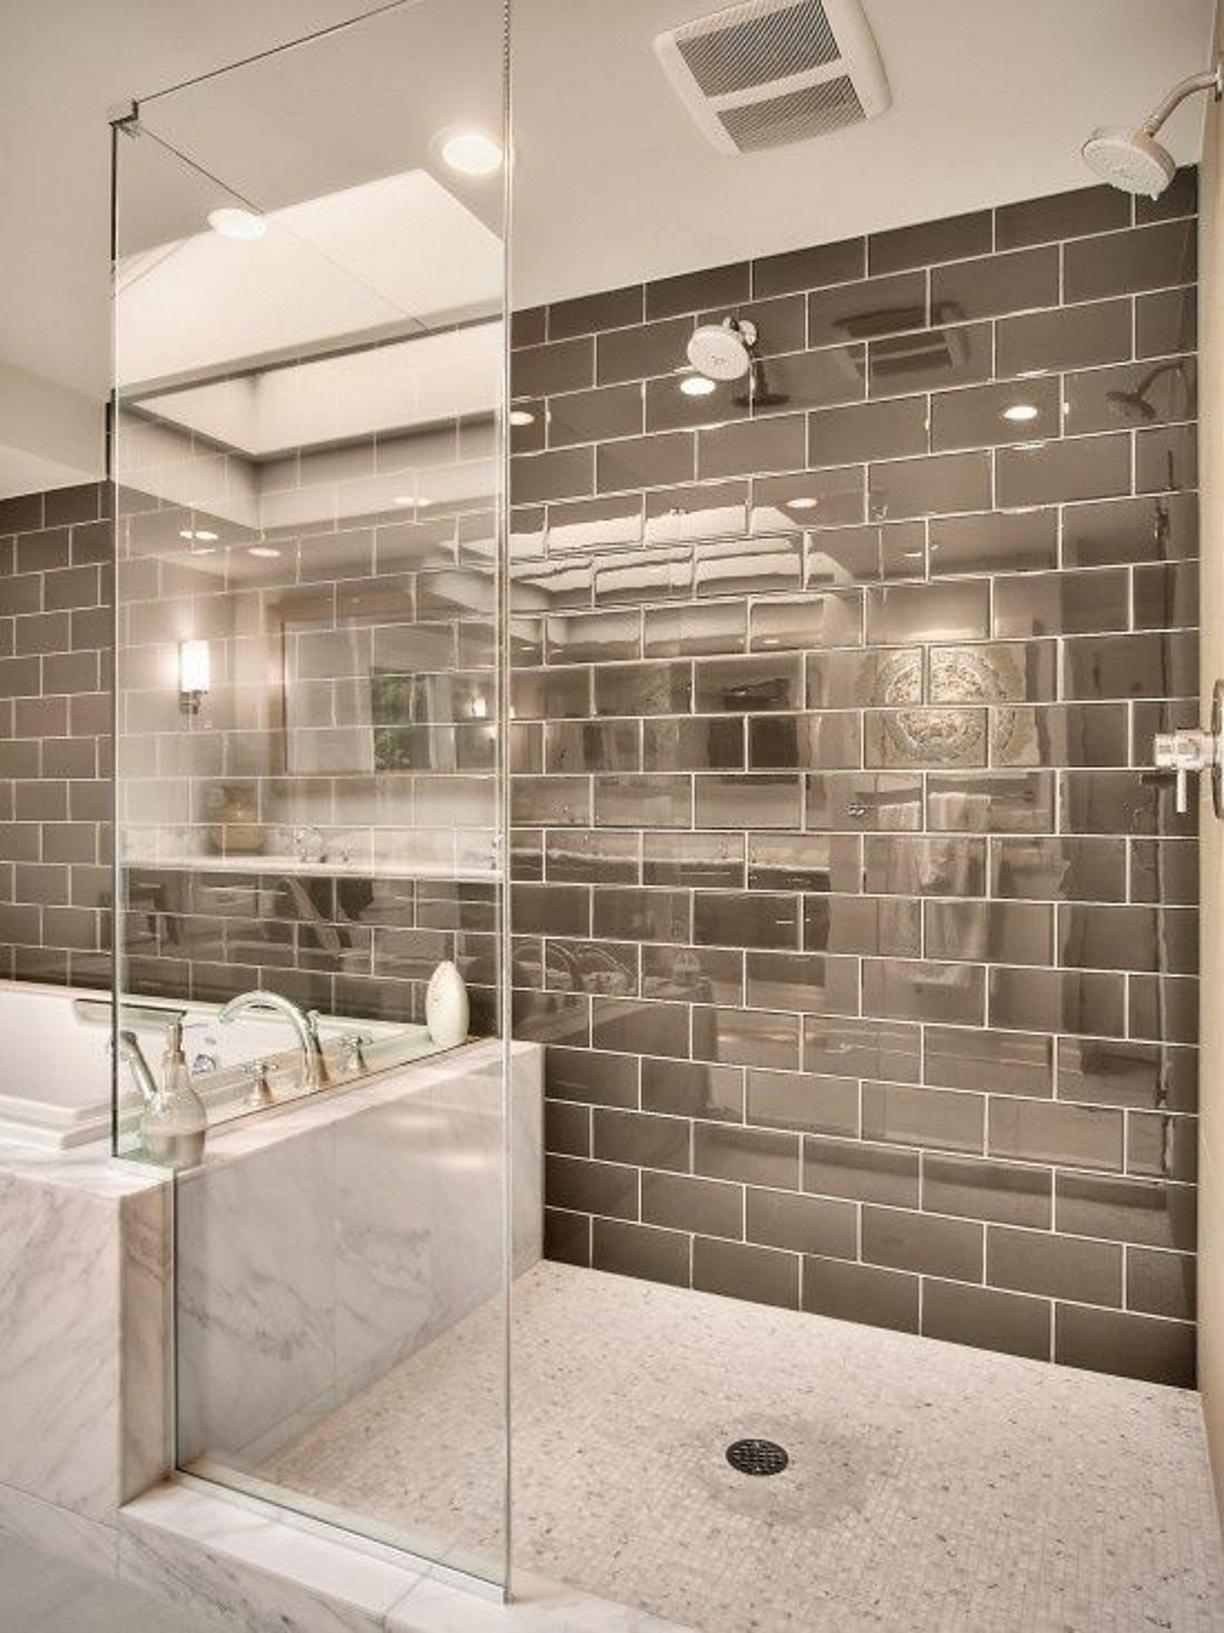 Astuce Rangement Serviette Salle De Bain ~ optimiser une petite salle de bains 8 astuces indispensables